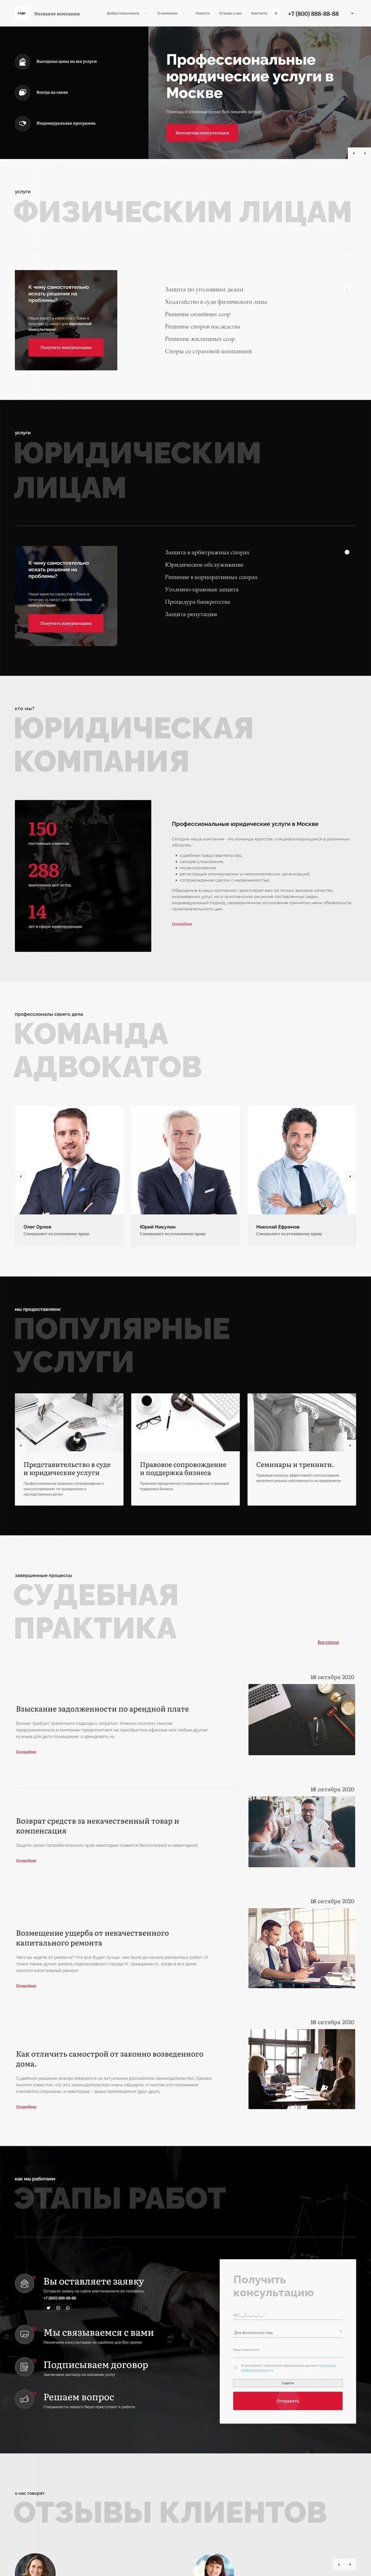 Готовый Сайт-Бизнес #2832972 - Юридические и адвокатские услуги (Главная версия 3)